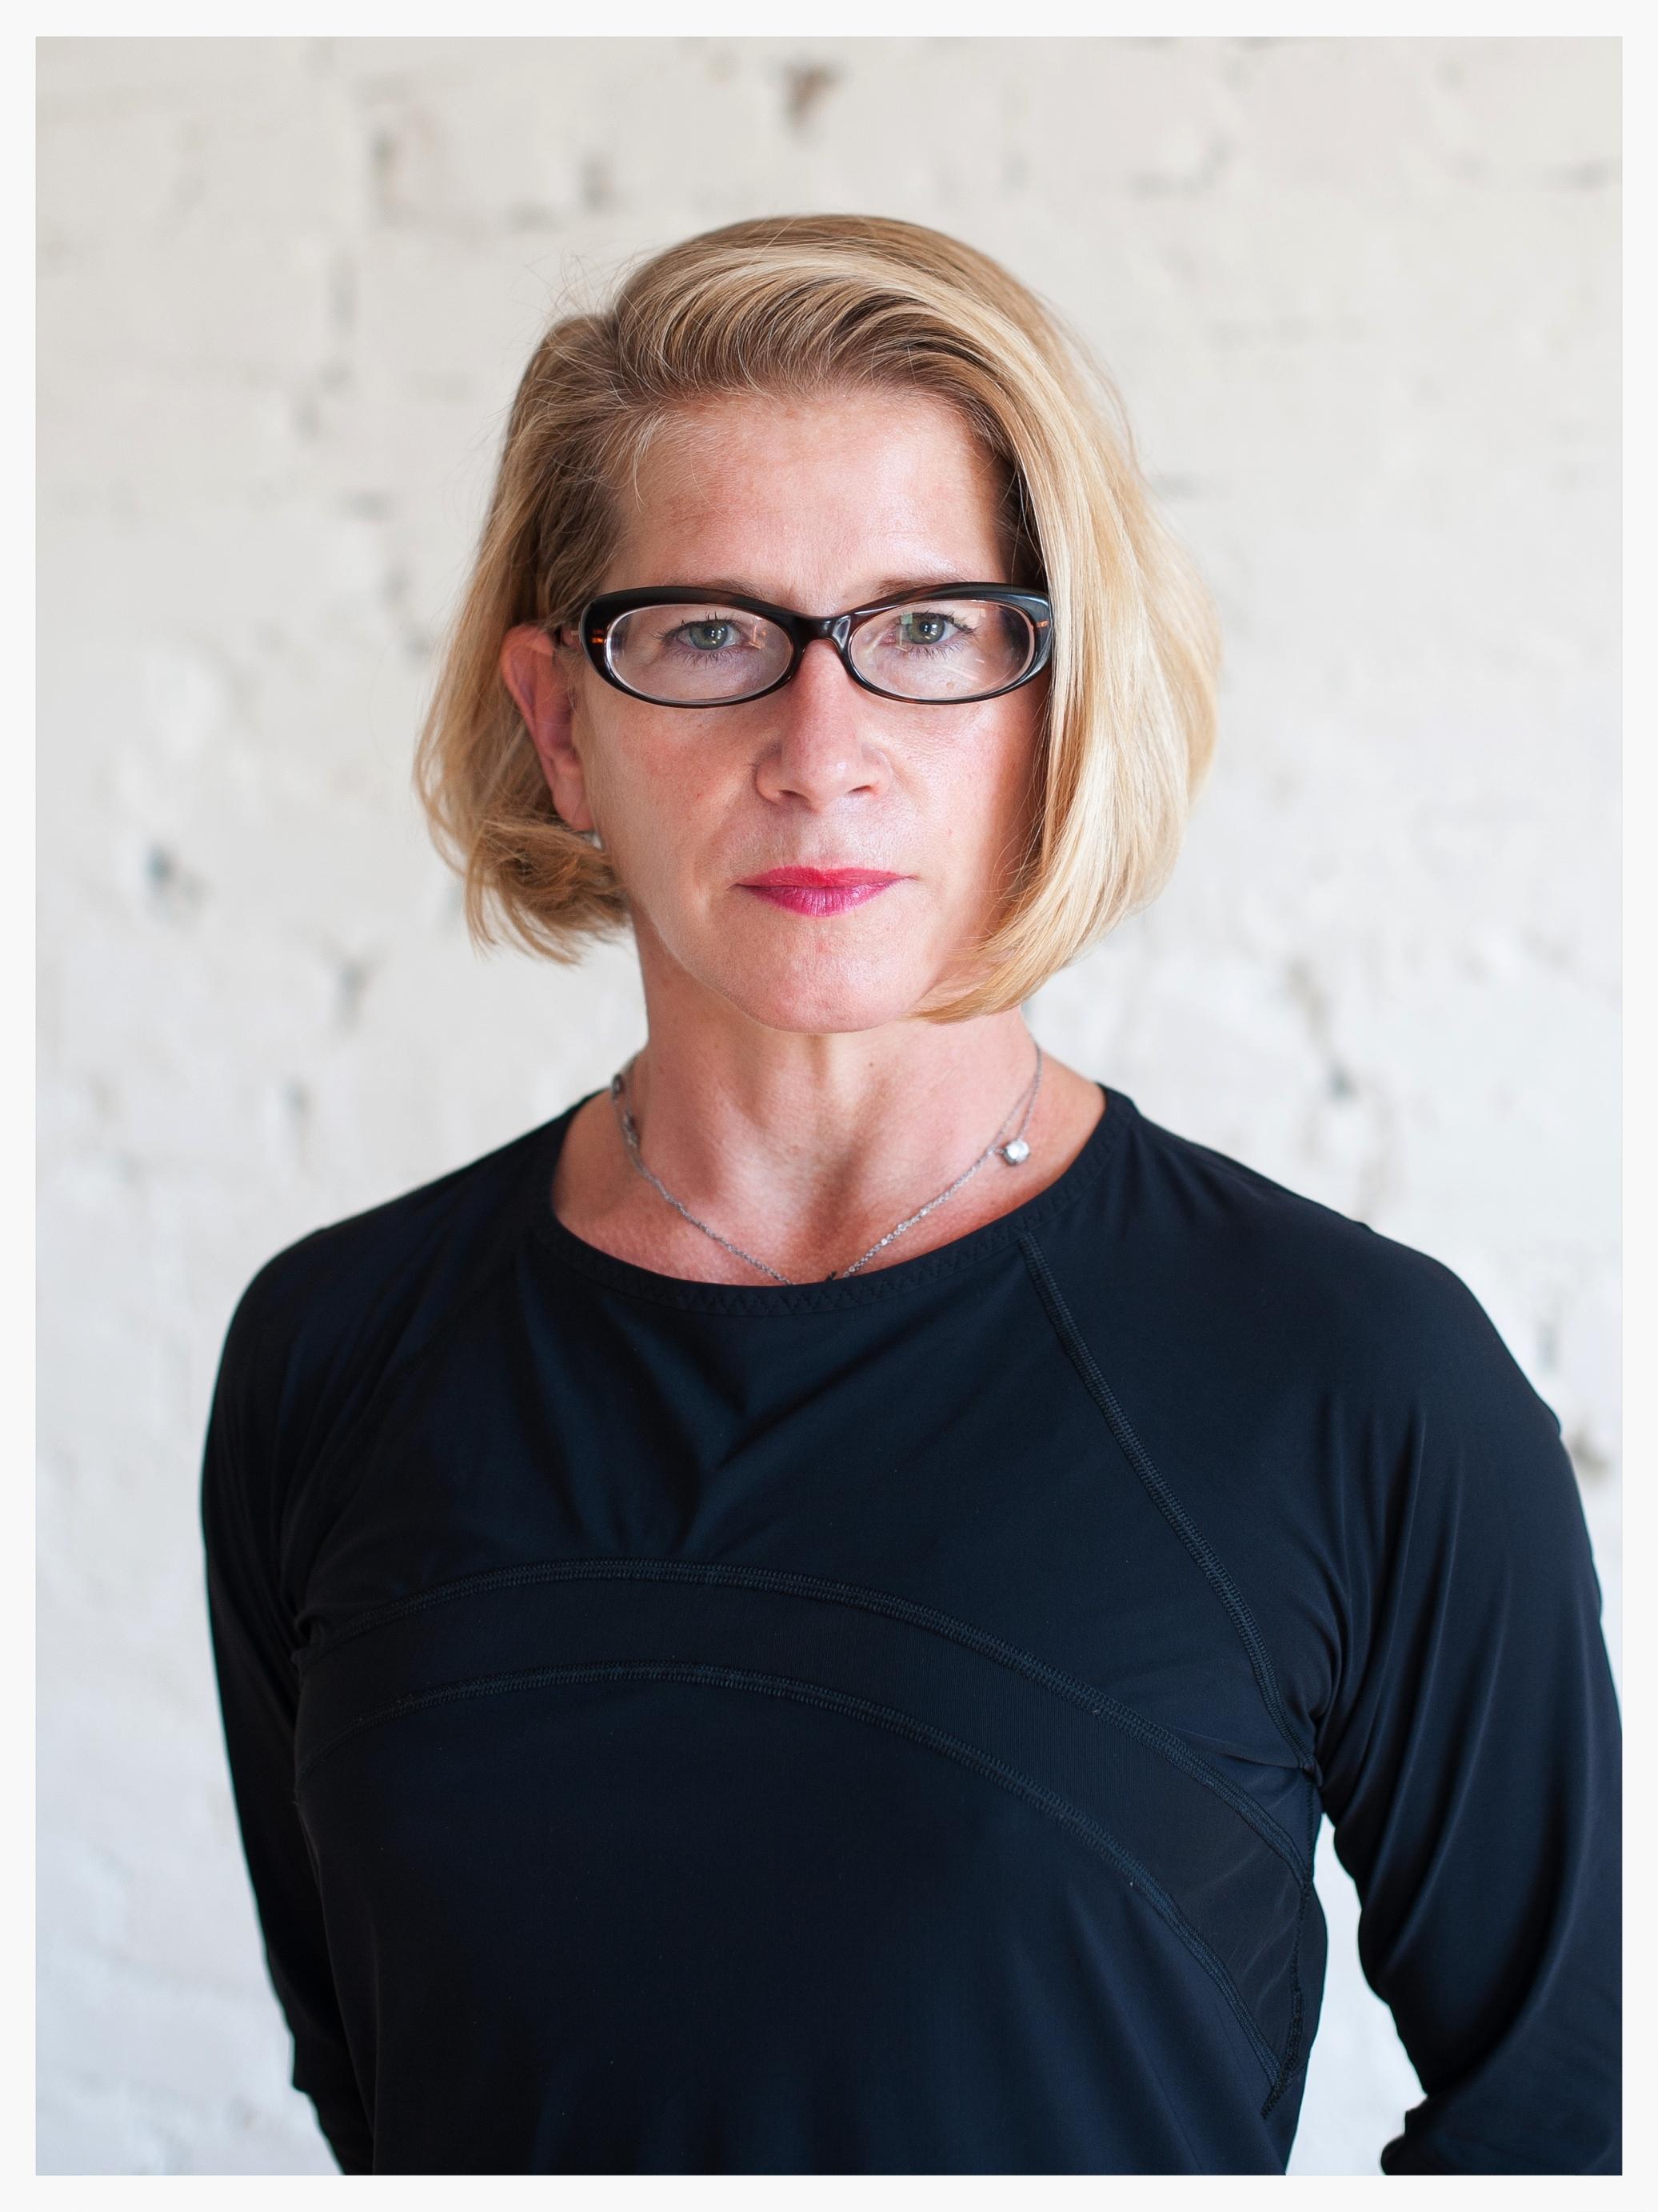 Joanne Charnetski